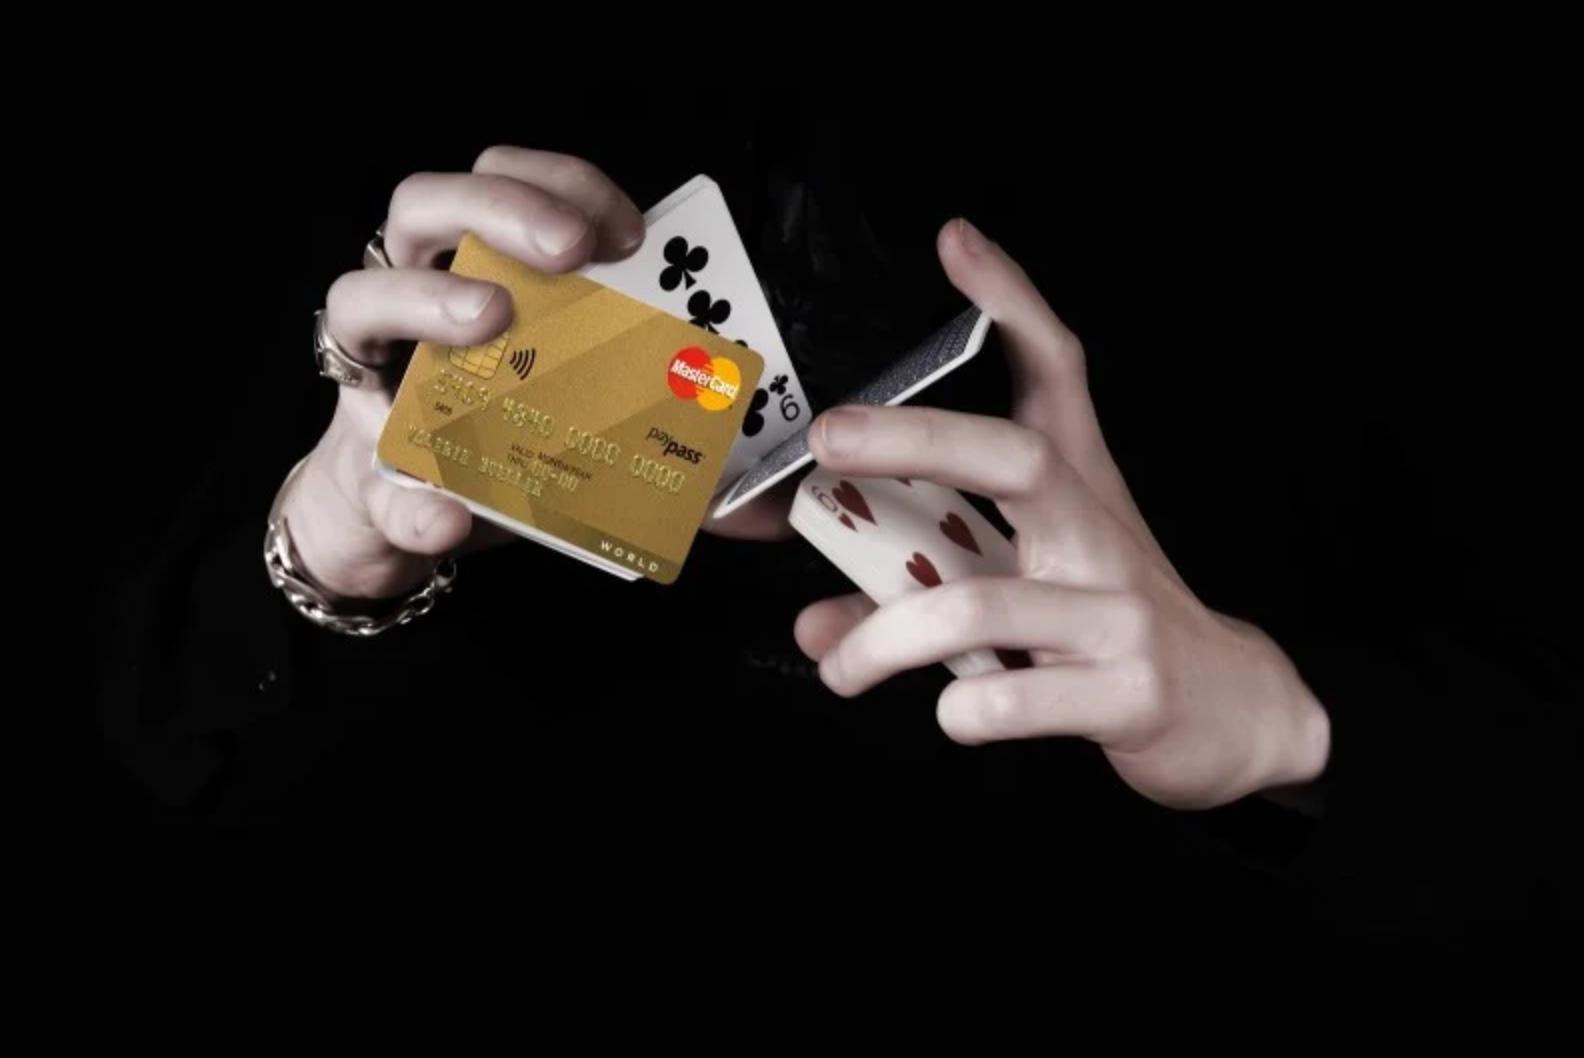 Как мошенники могут узнать баланс карты и завладеть деньгами